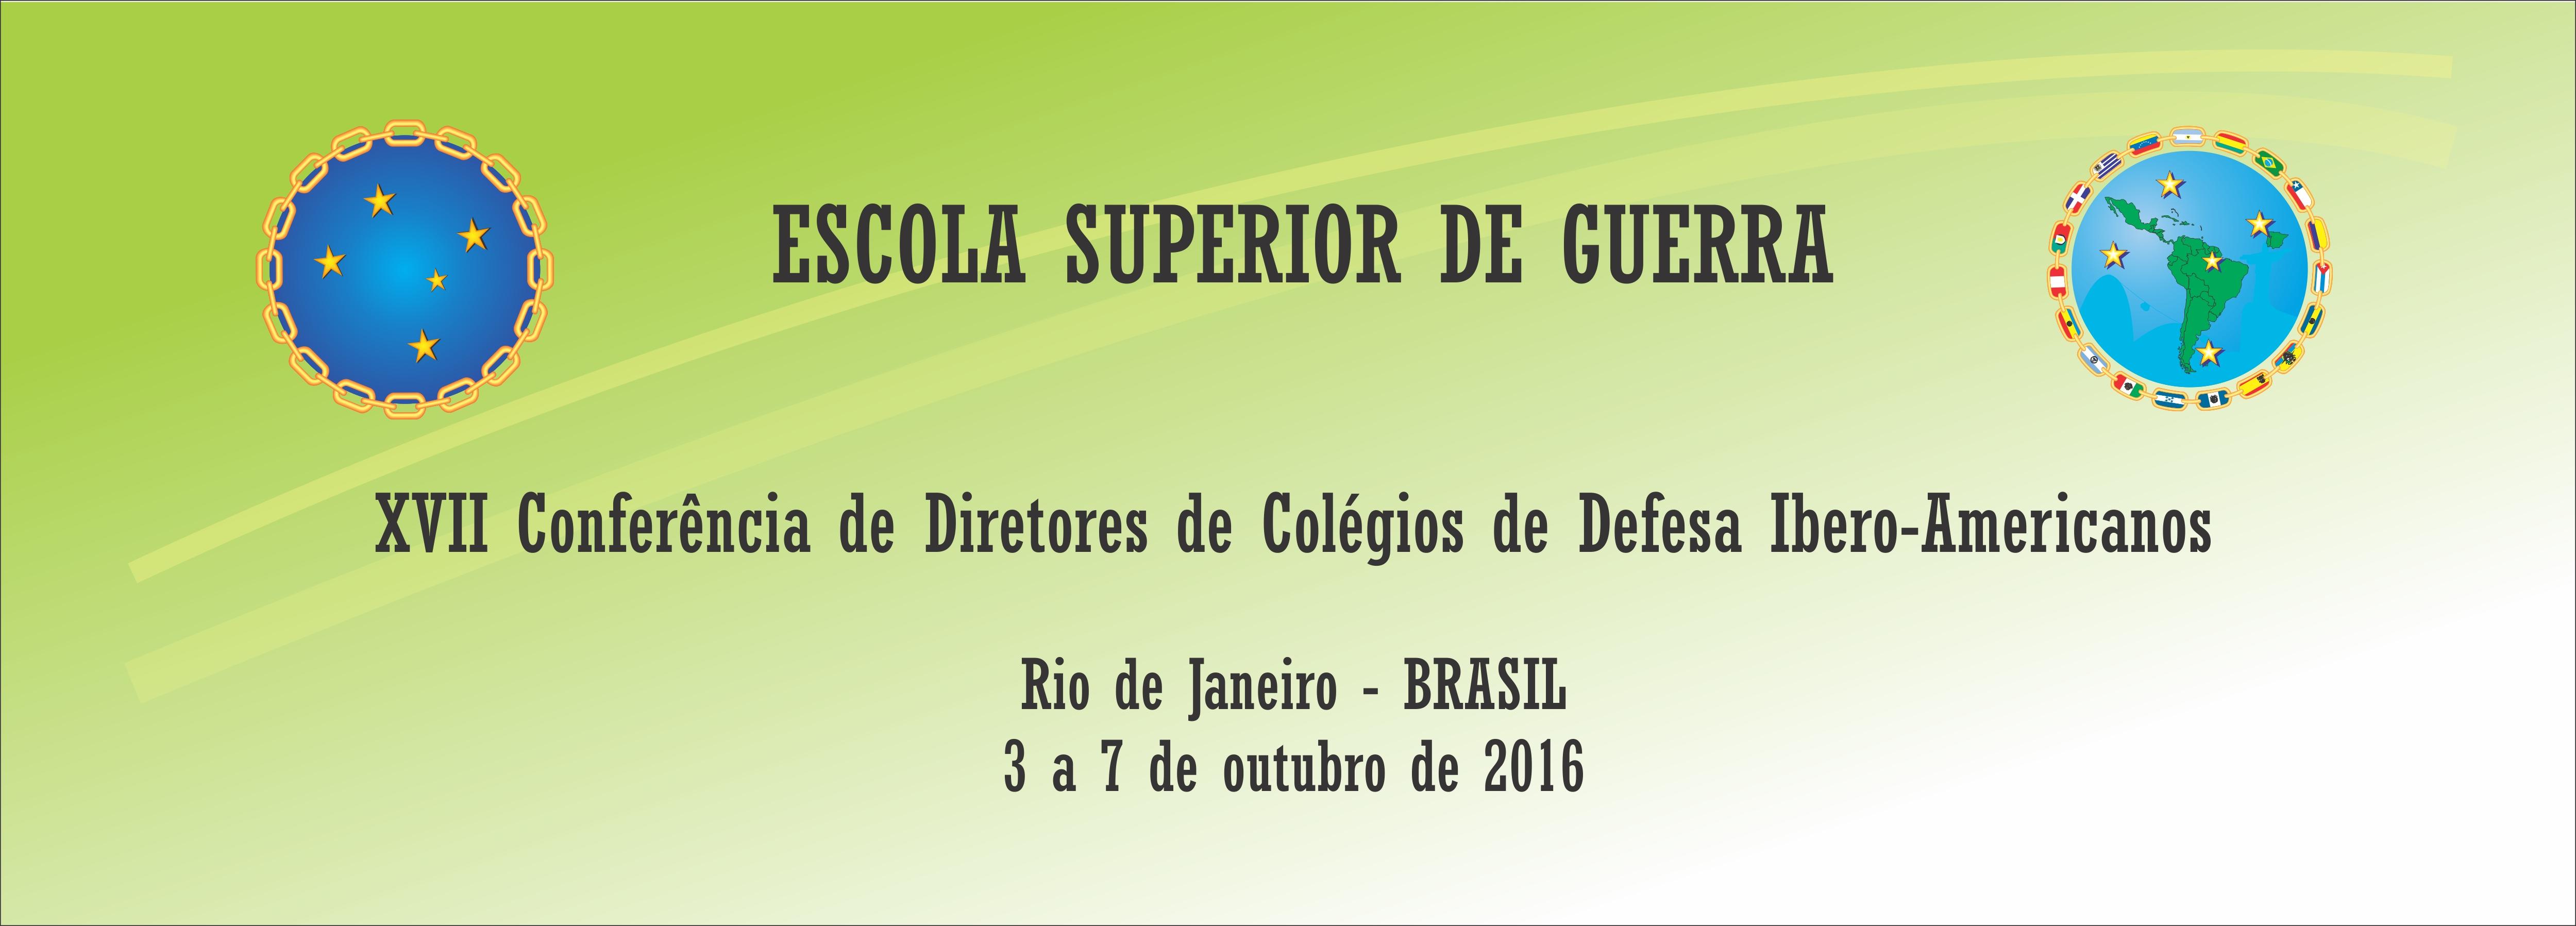 XVII Conferência de Diretores de Colégios de Defesa Ibero-Americanos